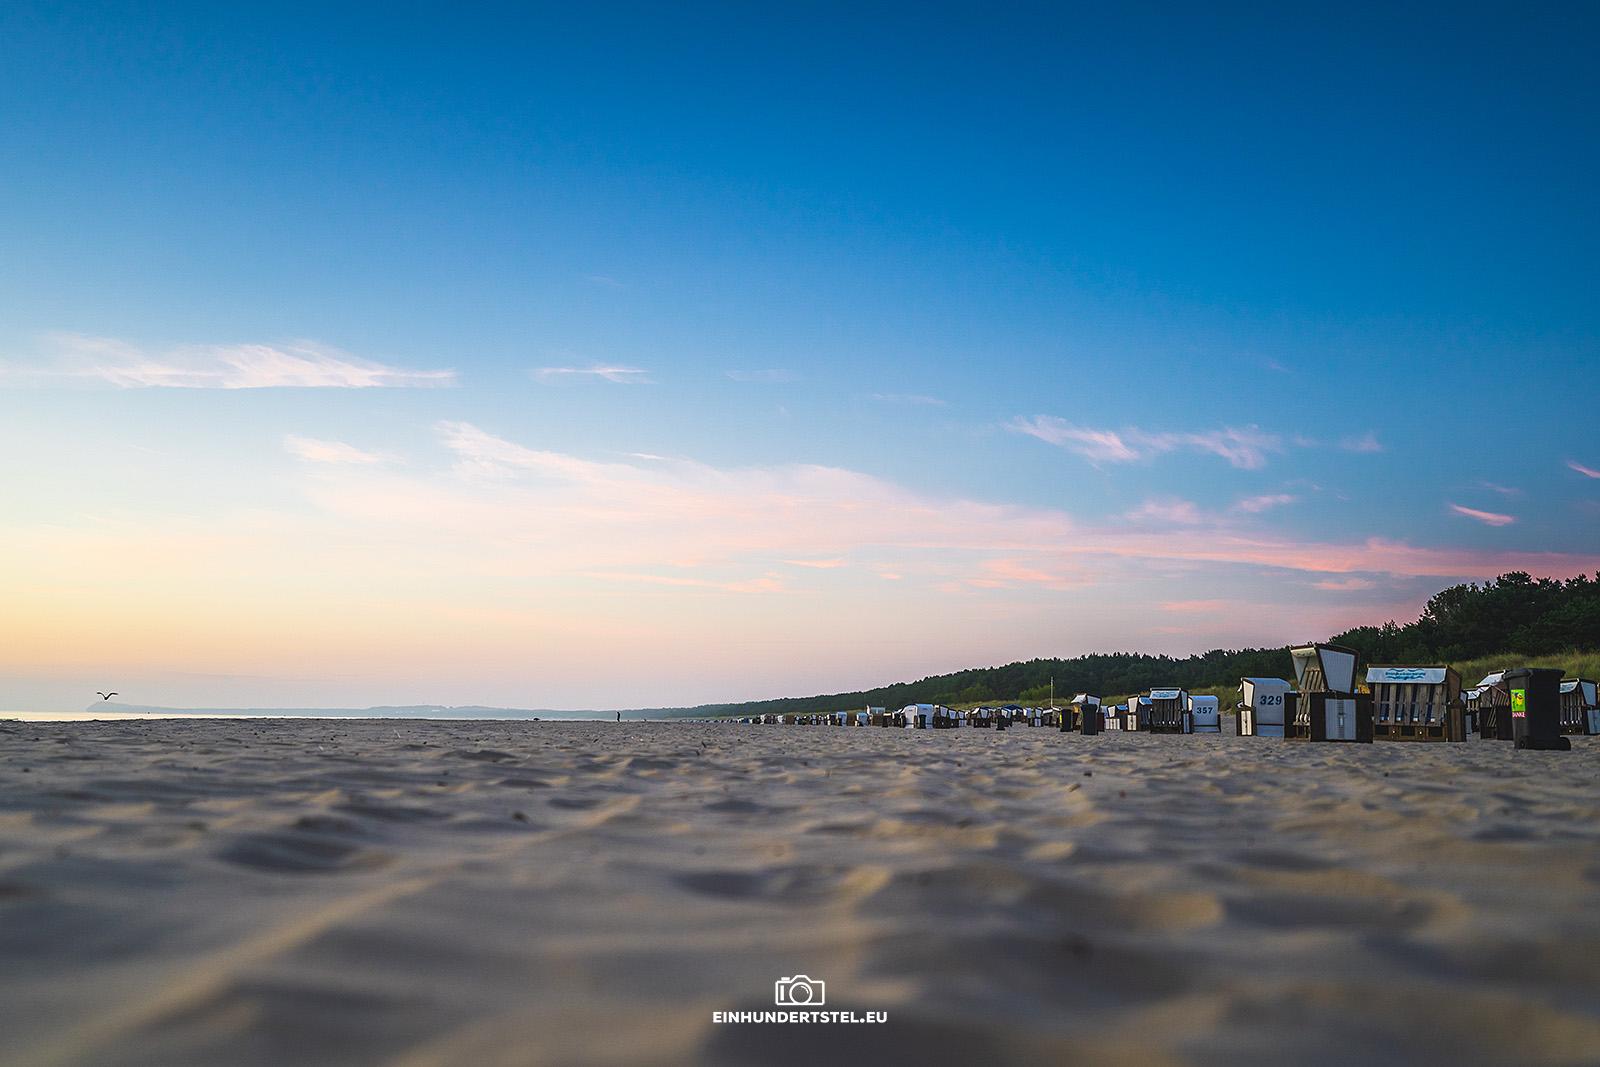 Sonnenaufgang am Strand von Karlshagen. Im Vordergrund Sand. Im Hintergrund Strandkörbe